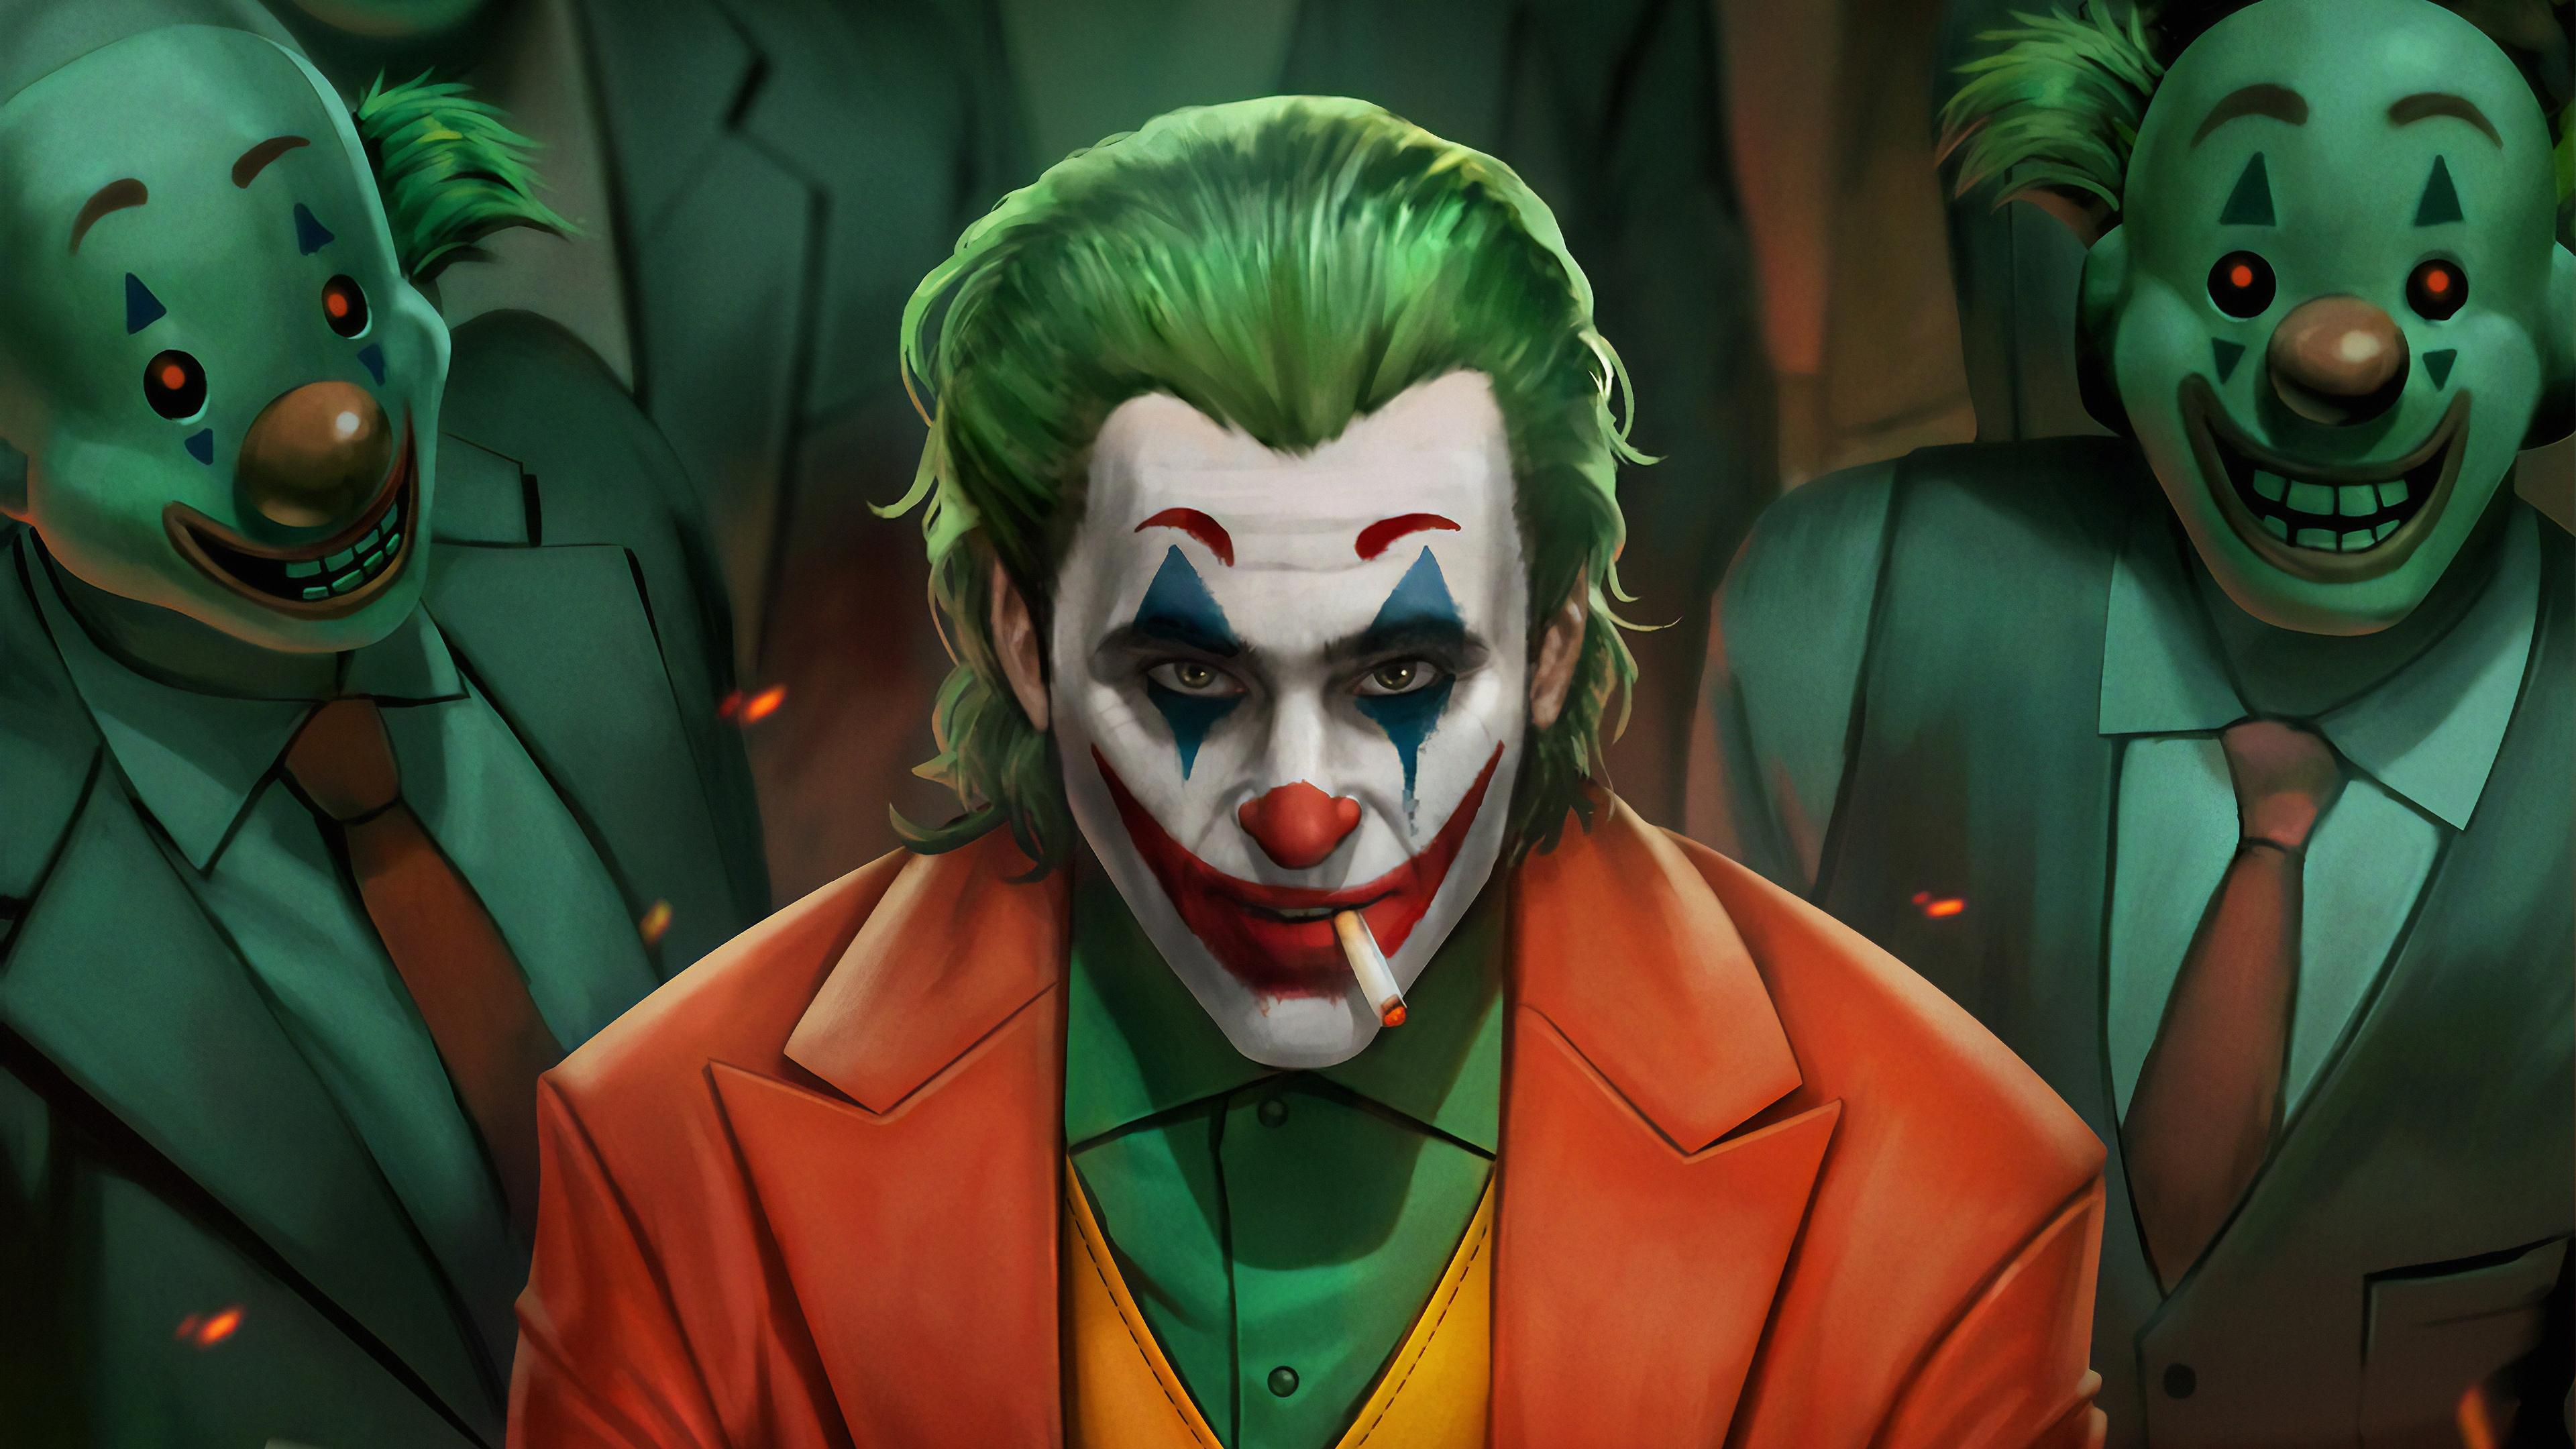 Joker Movie Pics Hd Wallpaper